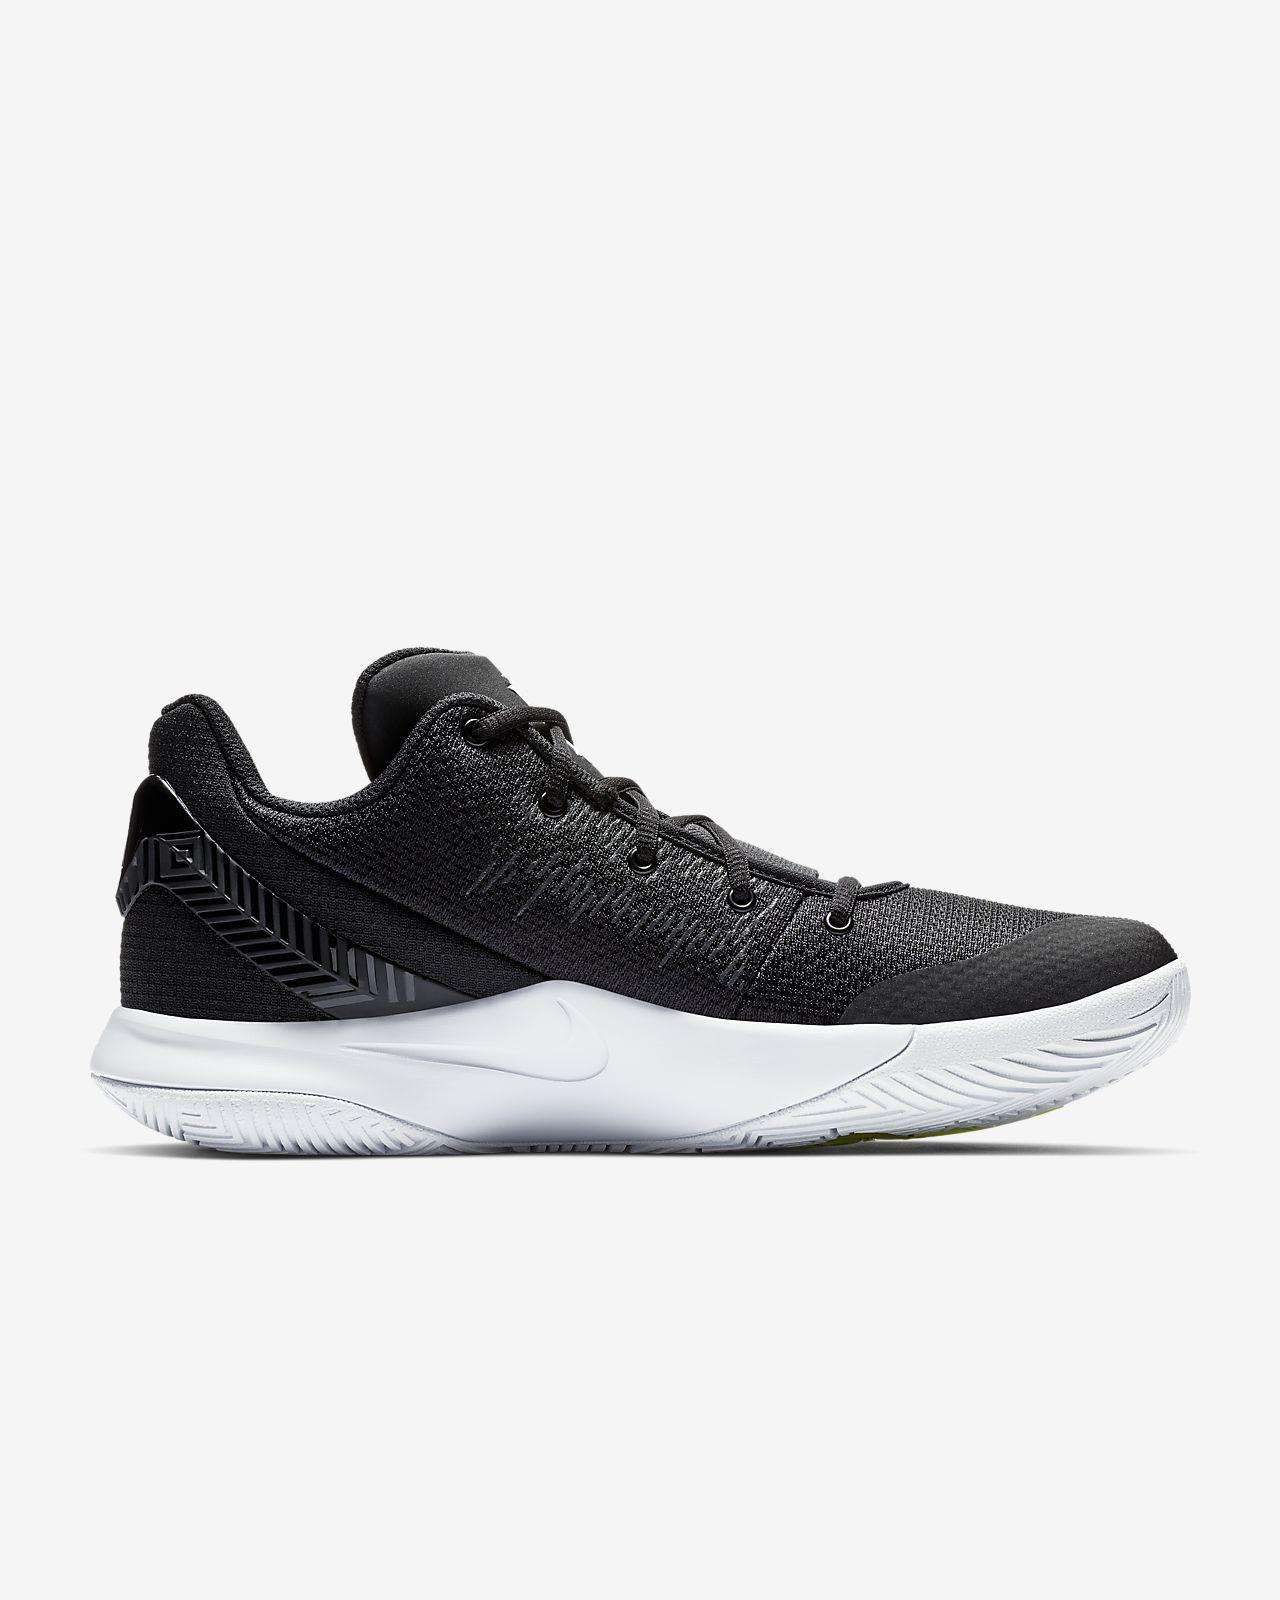 e72a75bb0e29 Kyrie Flytrap II Basketball Shoe. Nike.com SA